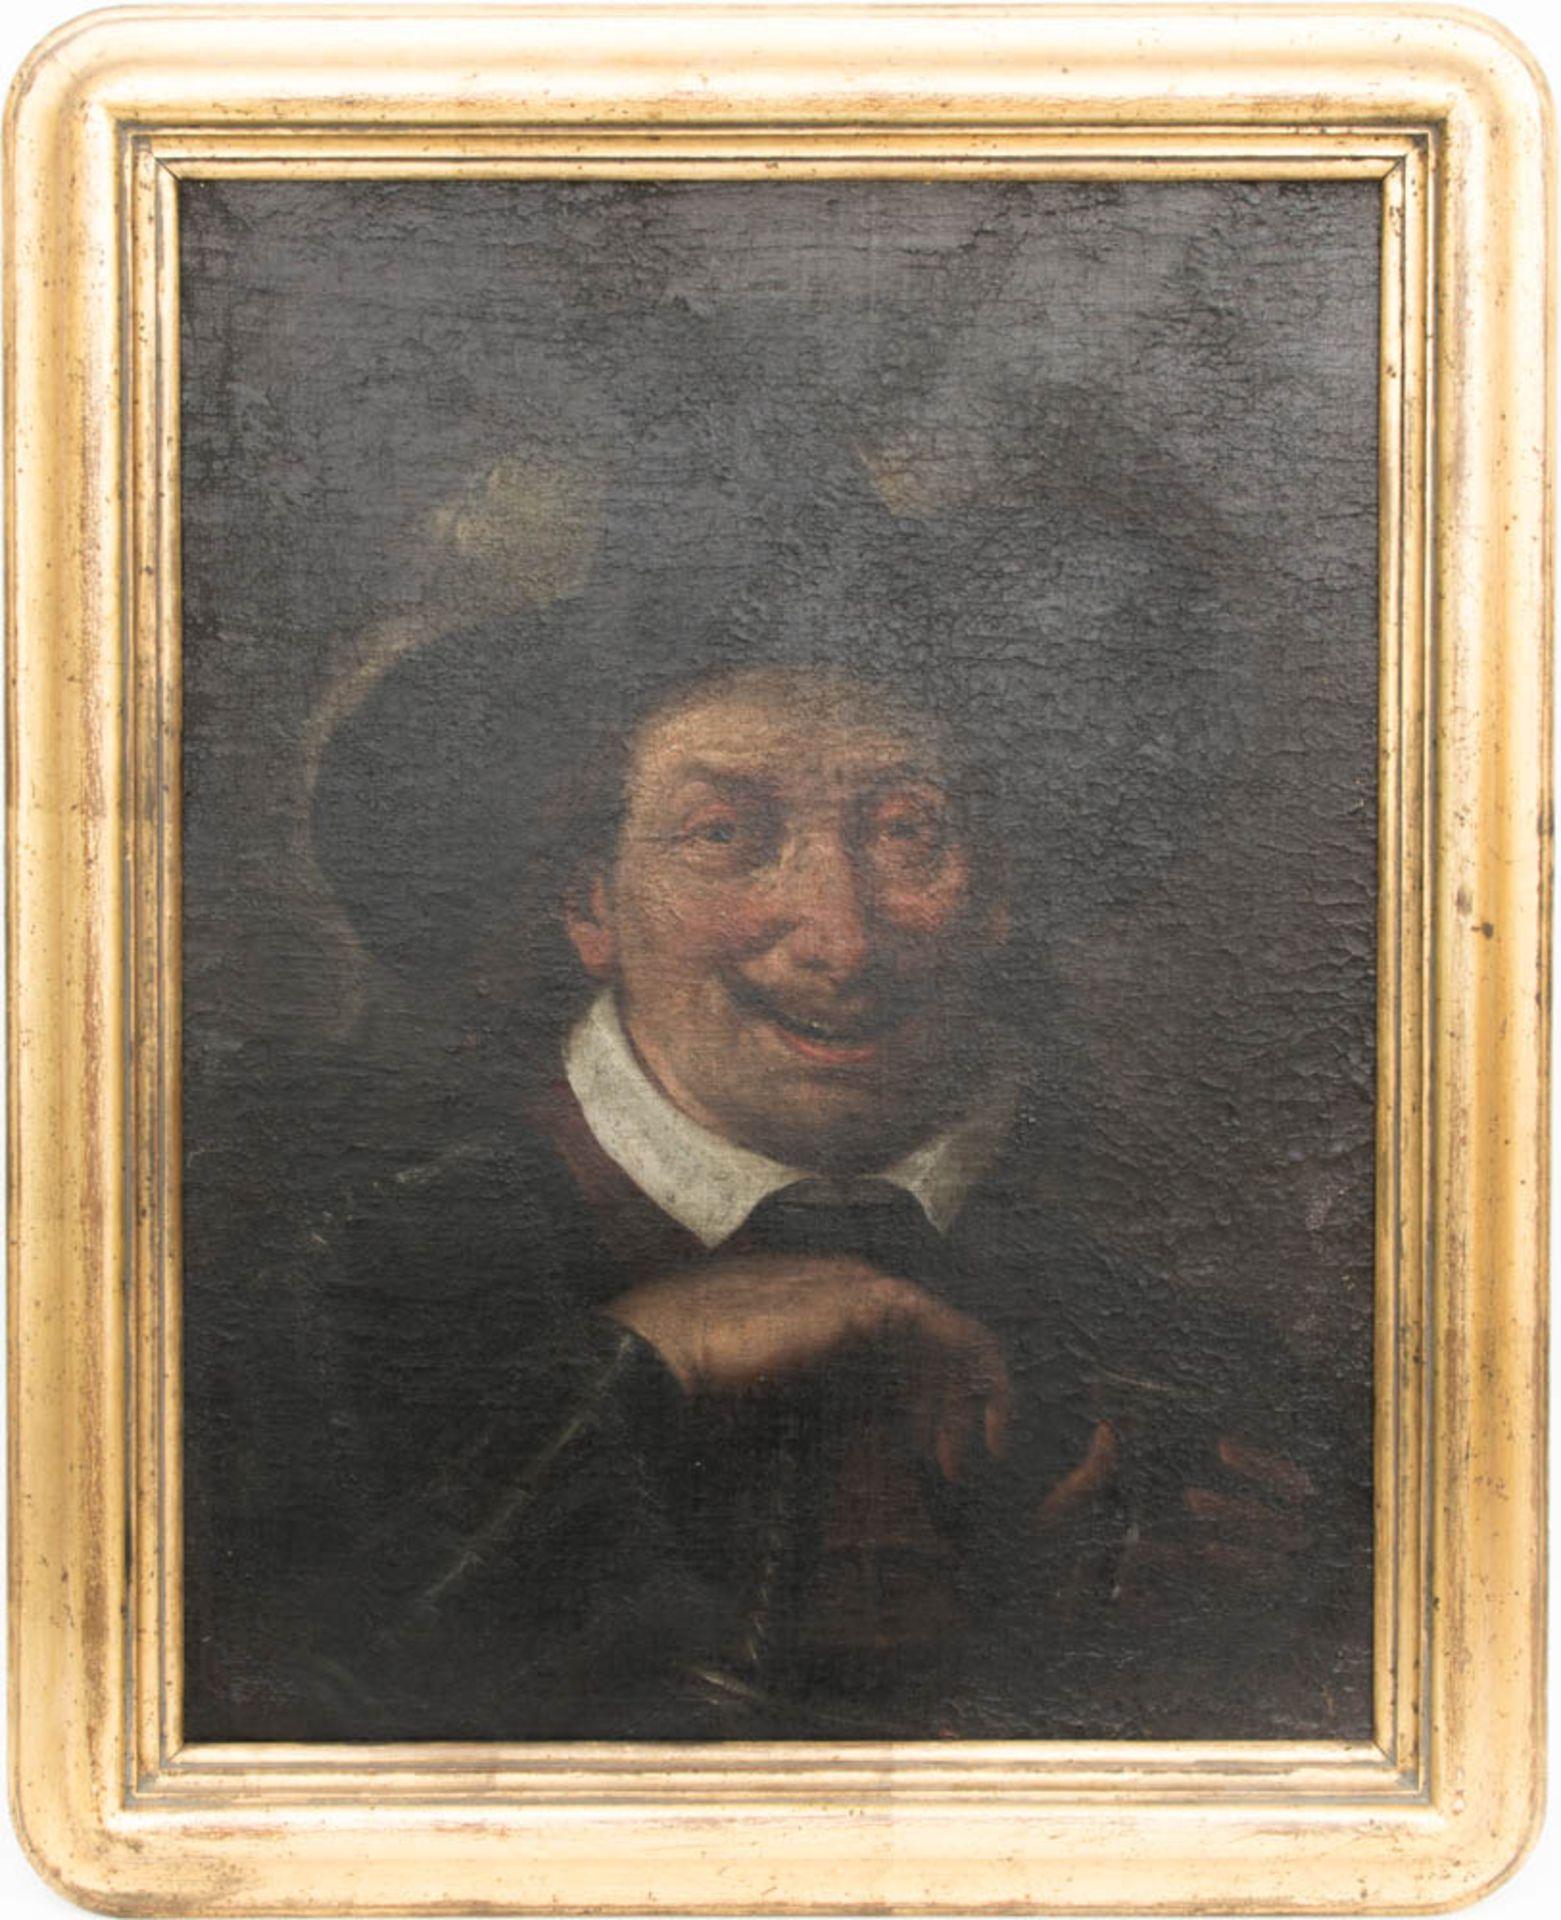 Rembrandt Stil, Der Trinkende, Öl auf Leinwand, um 1700.